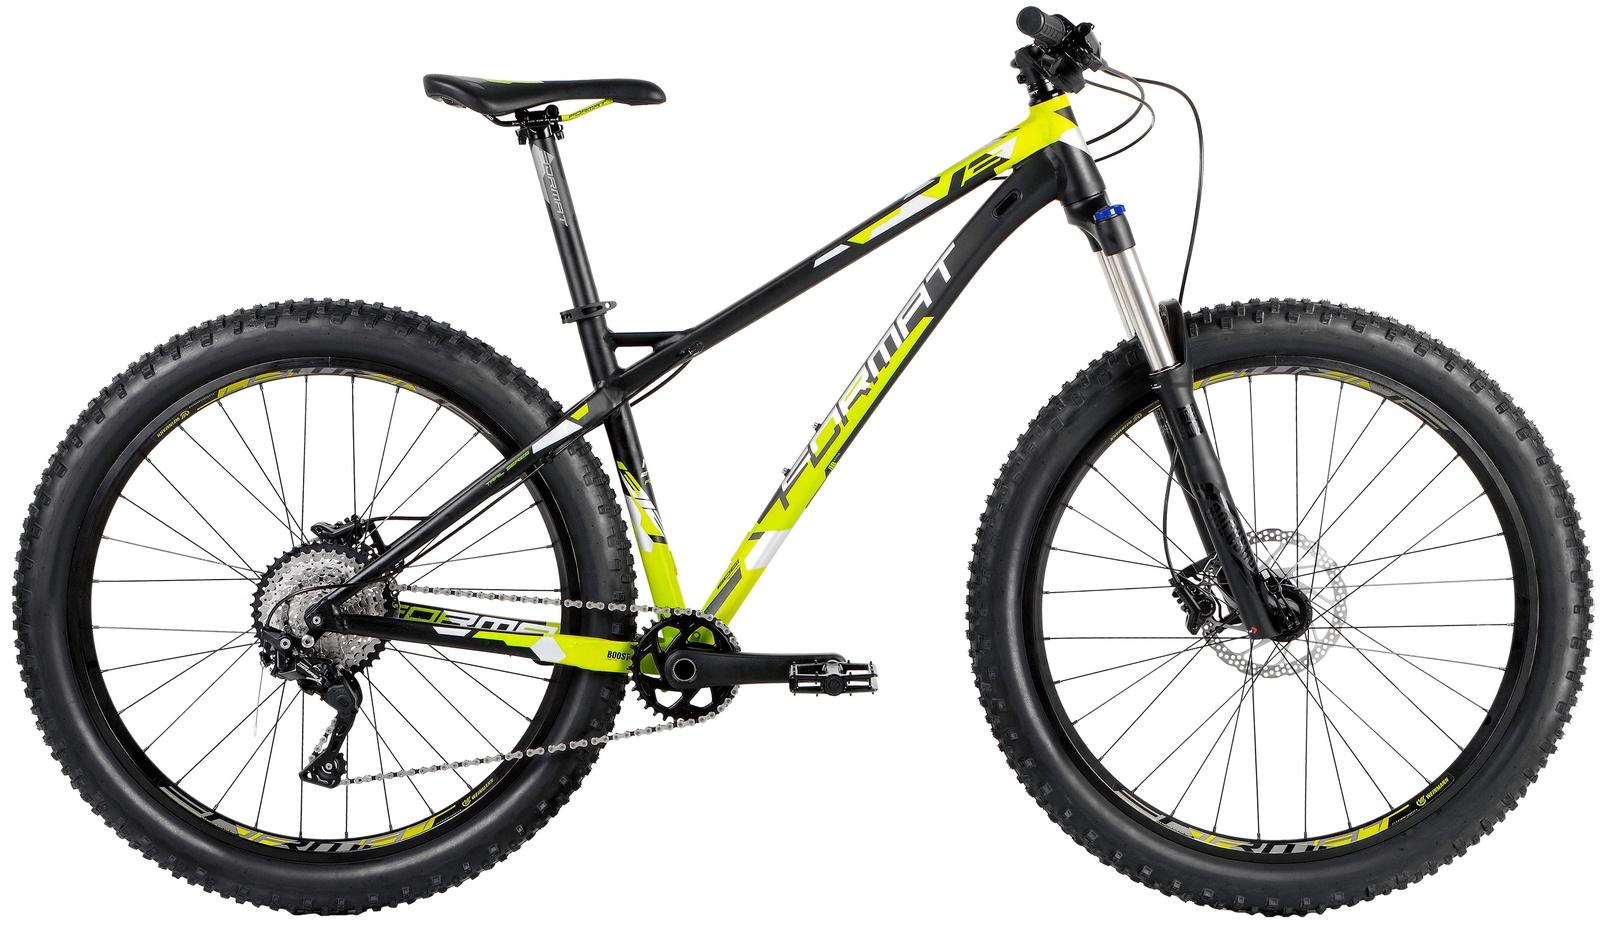 Горный (MTB) Format 1312 PLUS, RBKM8T67D002, желтый вилка амортизационная suntour гидравлическая для велосипедов 26 ход 100 120мм sf14 xcr32 rl 26